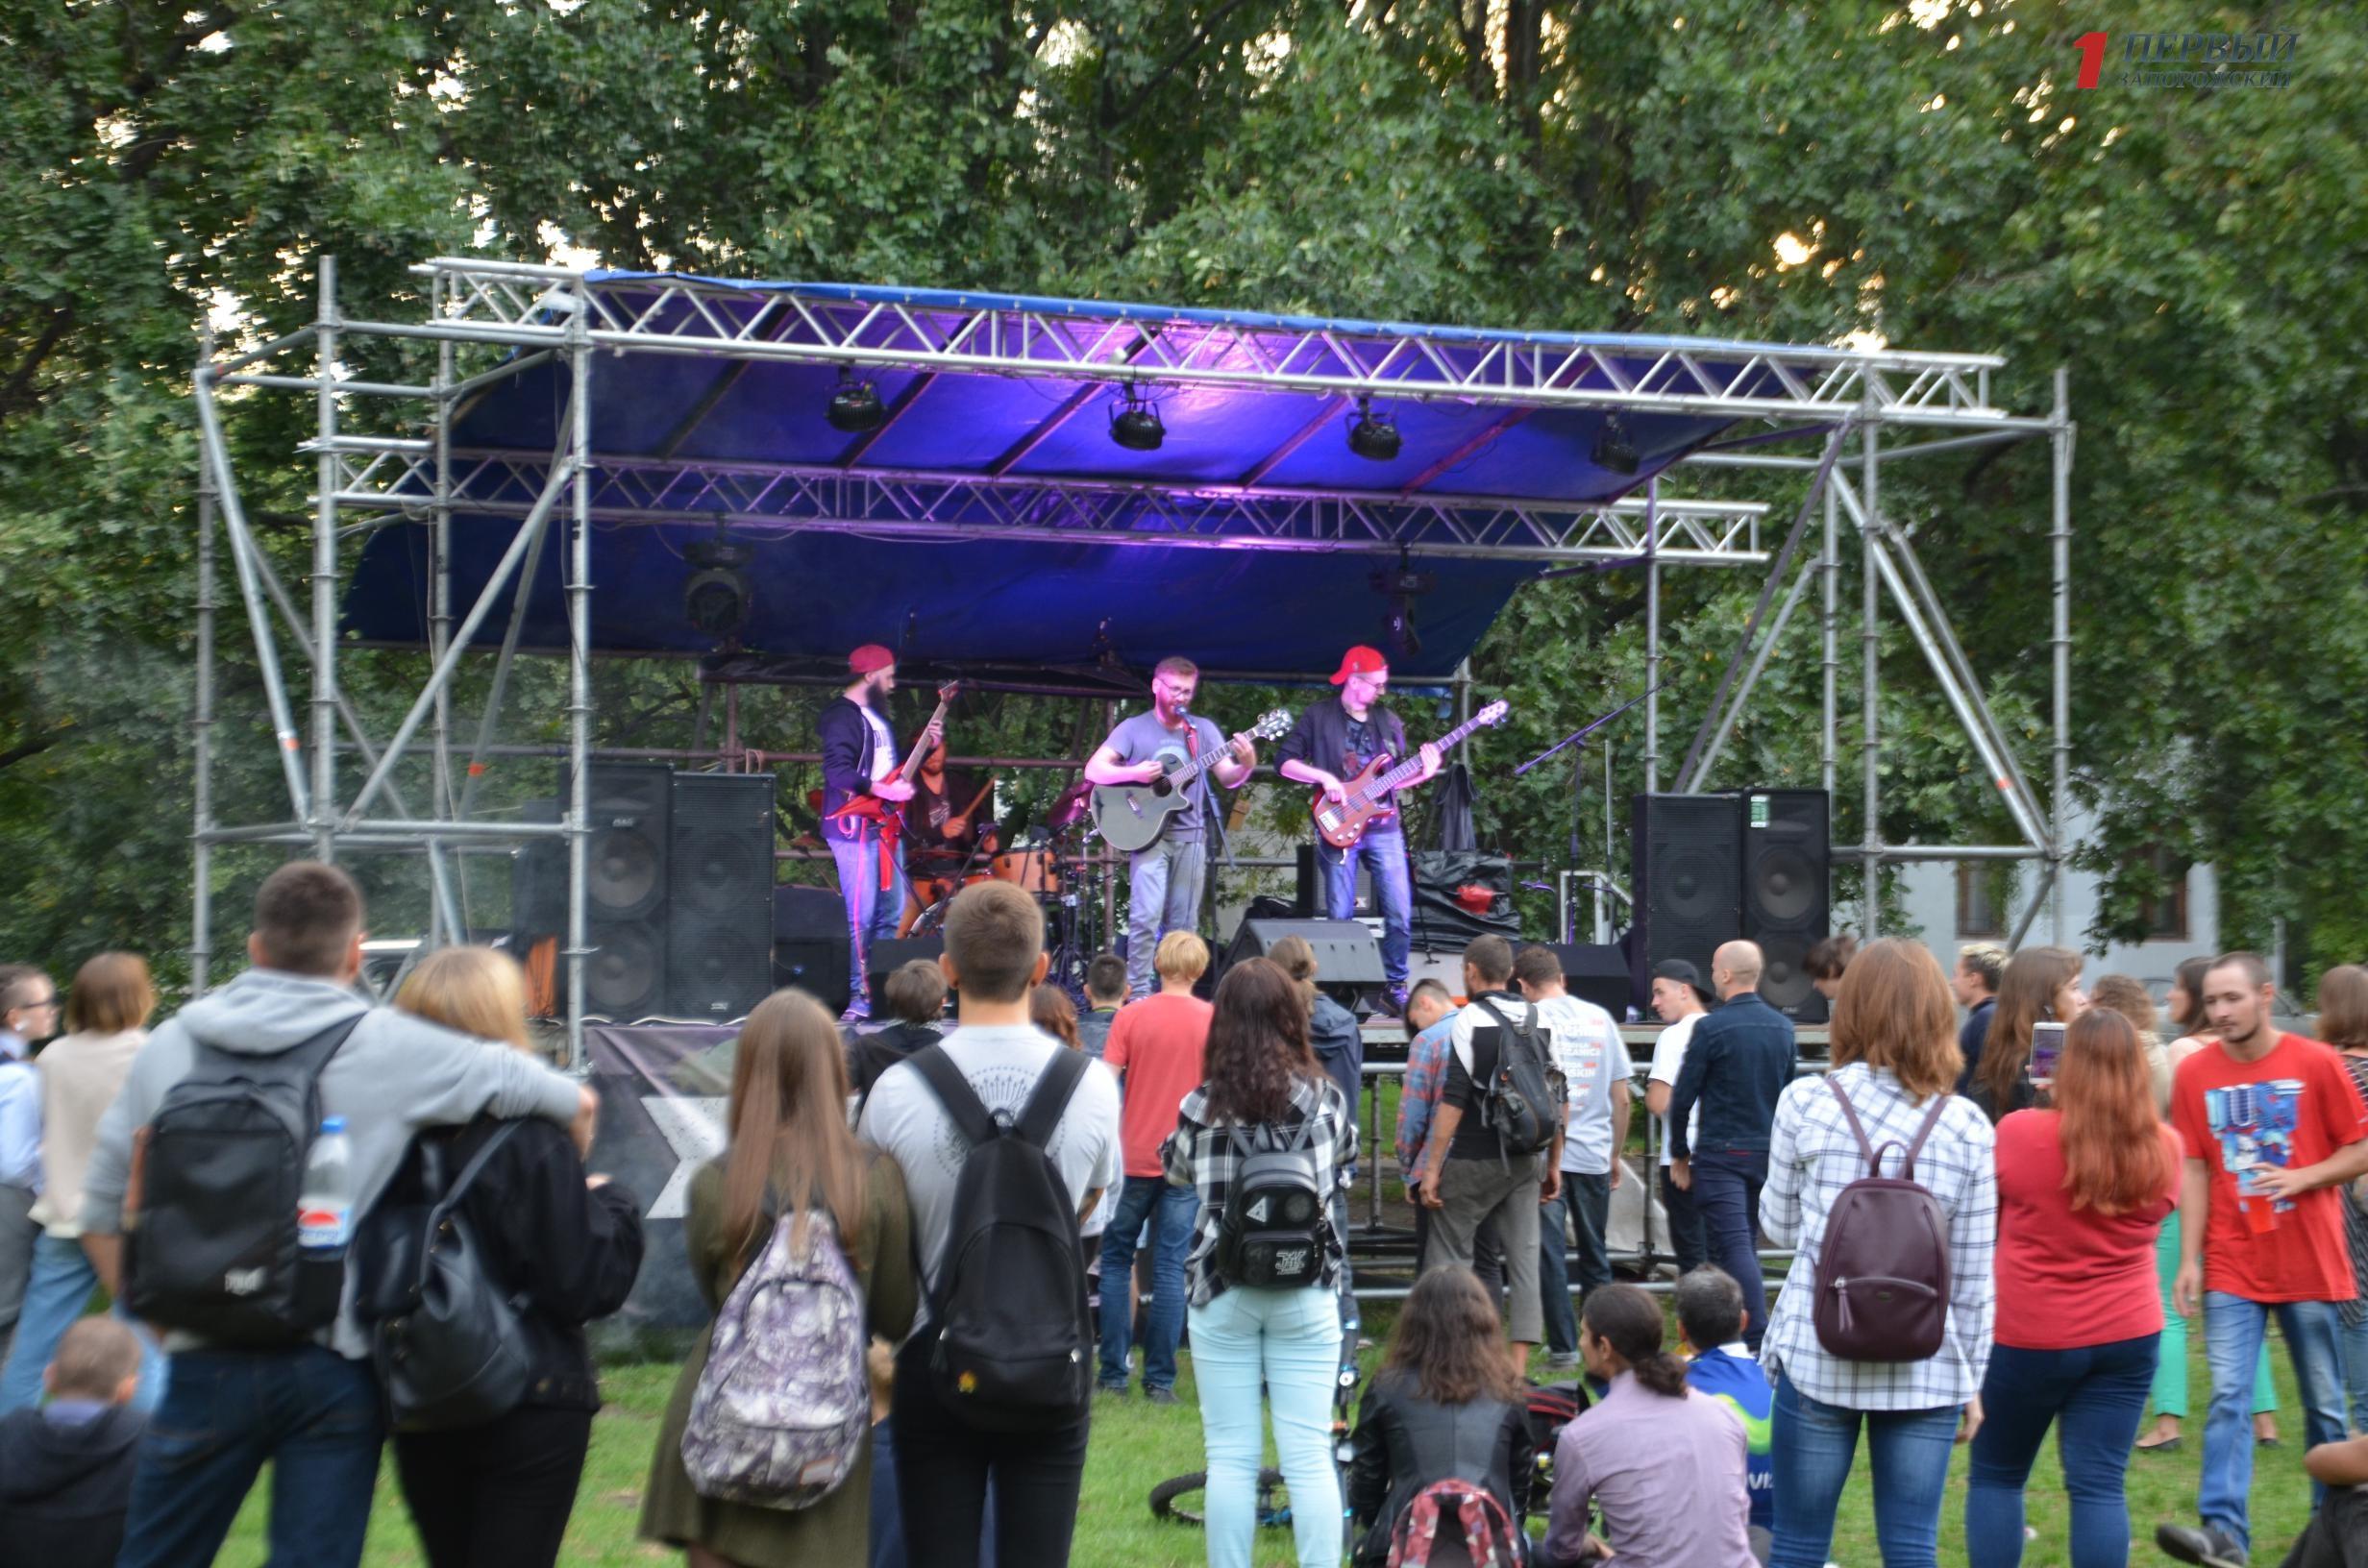 Мастер-классы, развлечения и рок-музыка: в Запорожье прошел музыкальный фестиваль